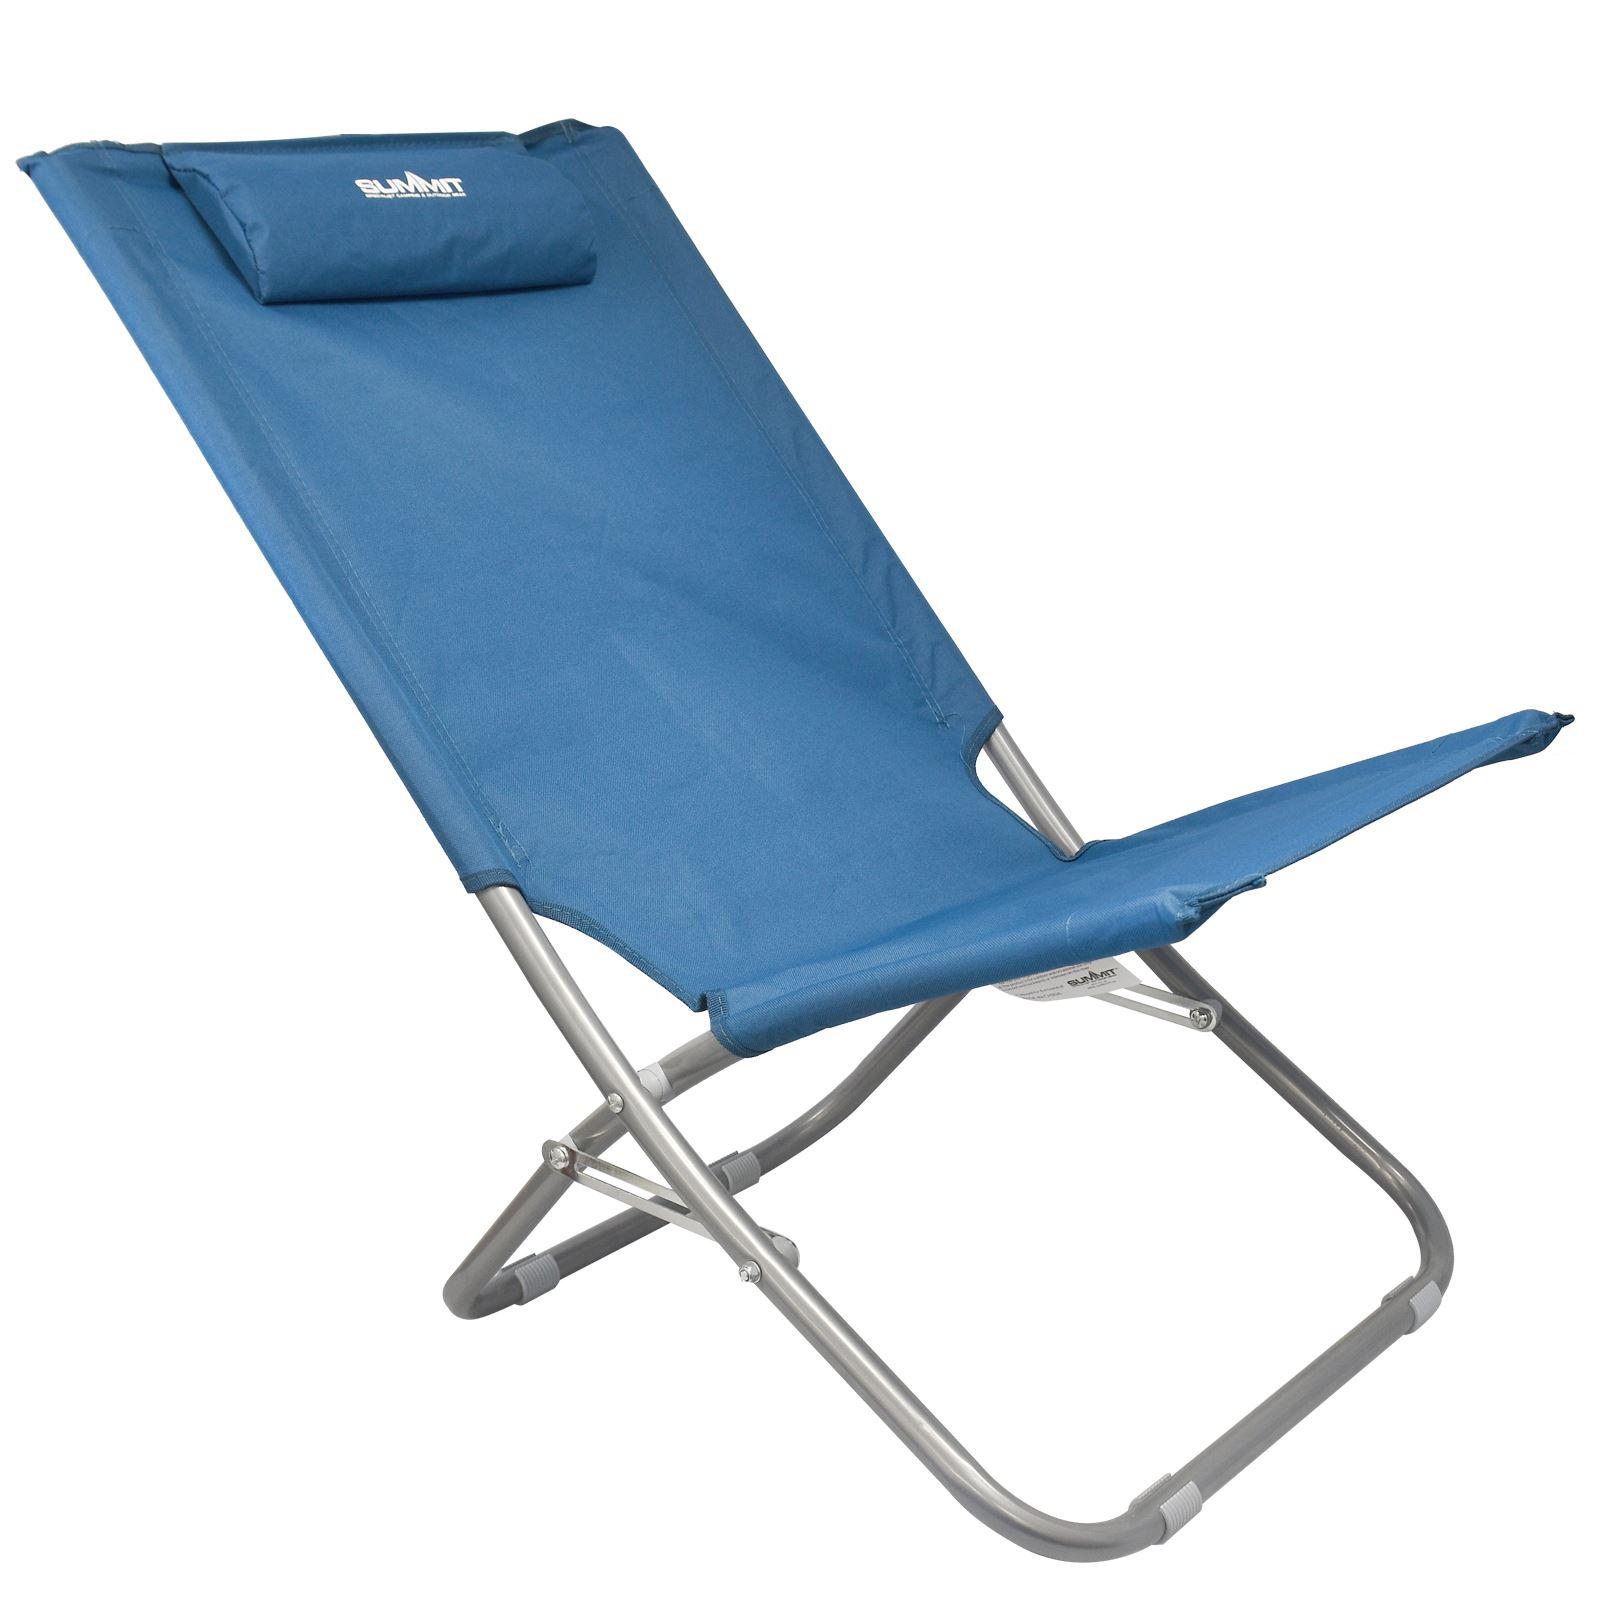 Summit Relaxer Folding Maderia Sun Lounger Lightweight Camping Beach Chair Bl